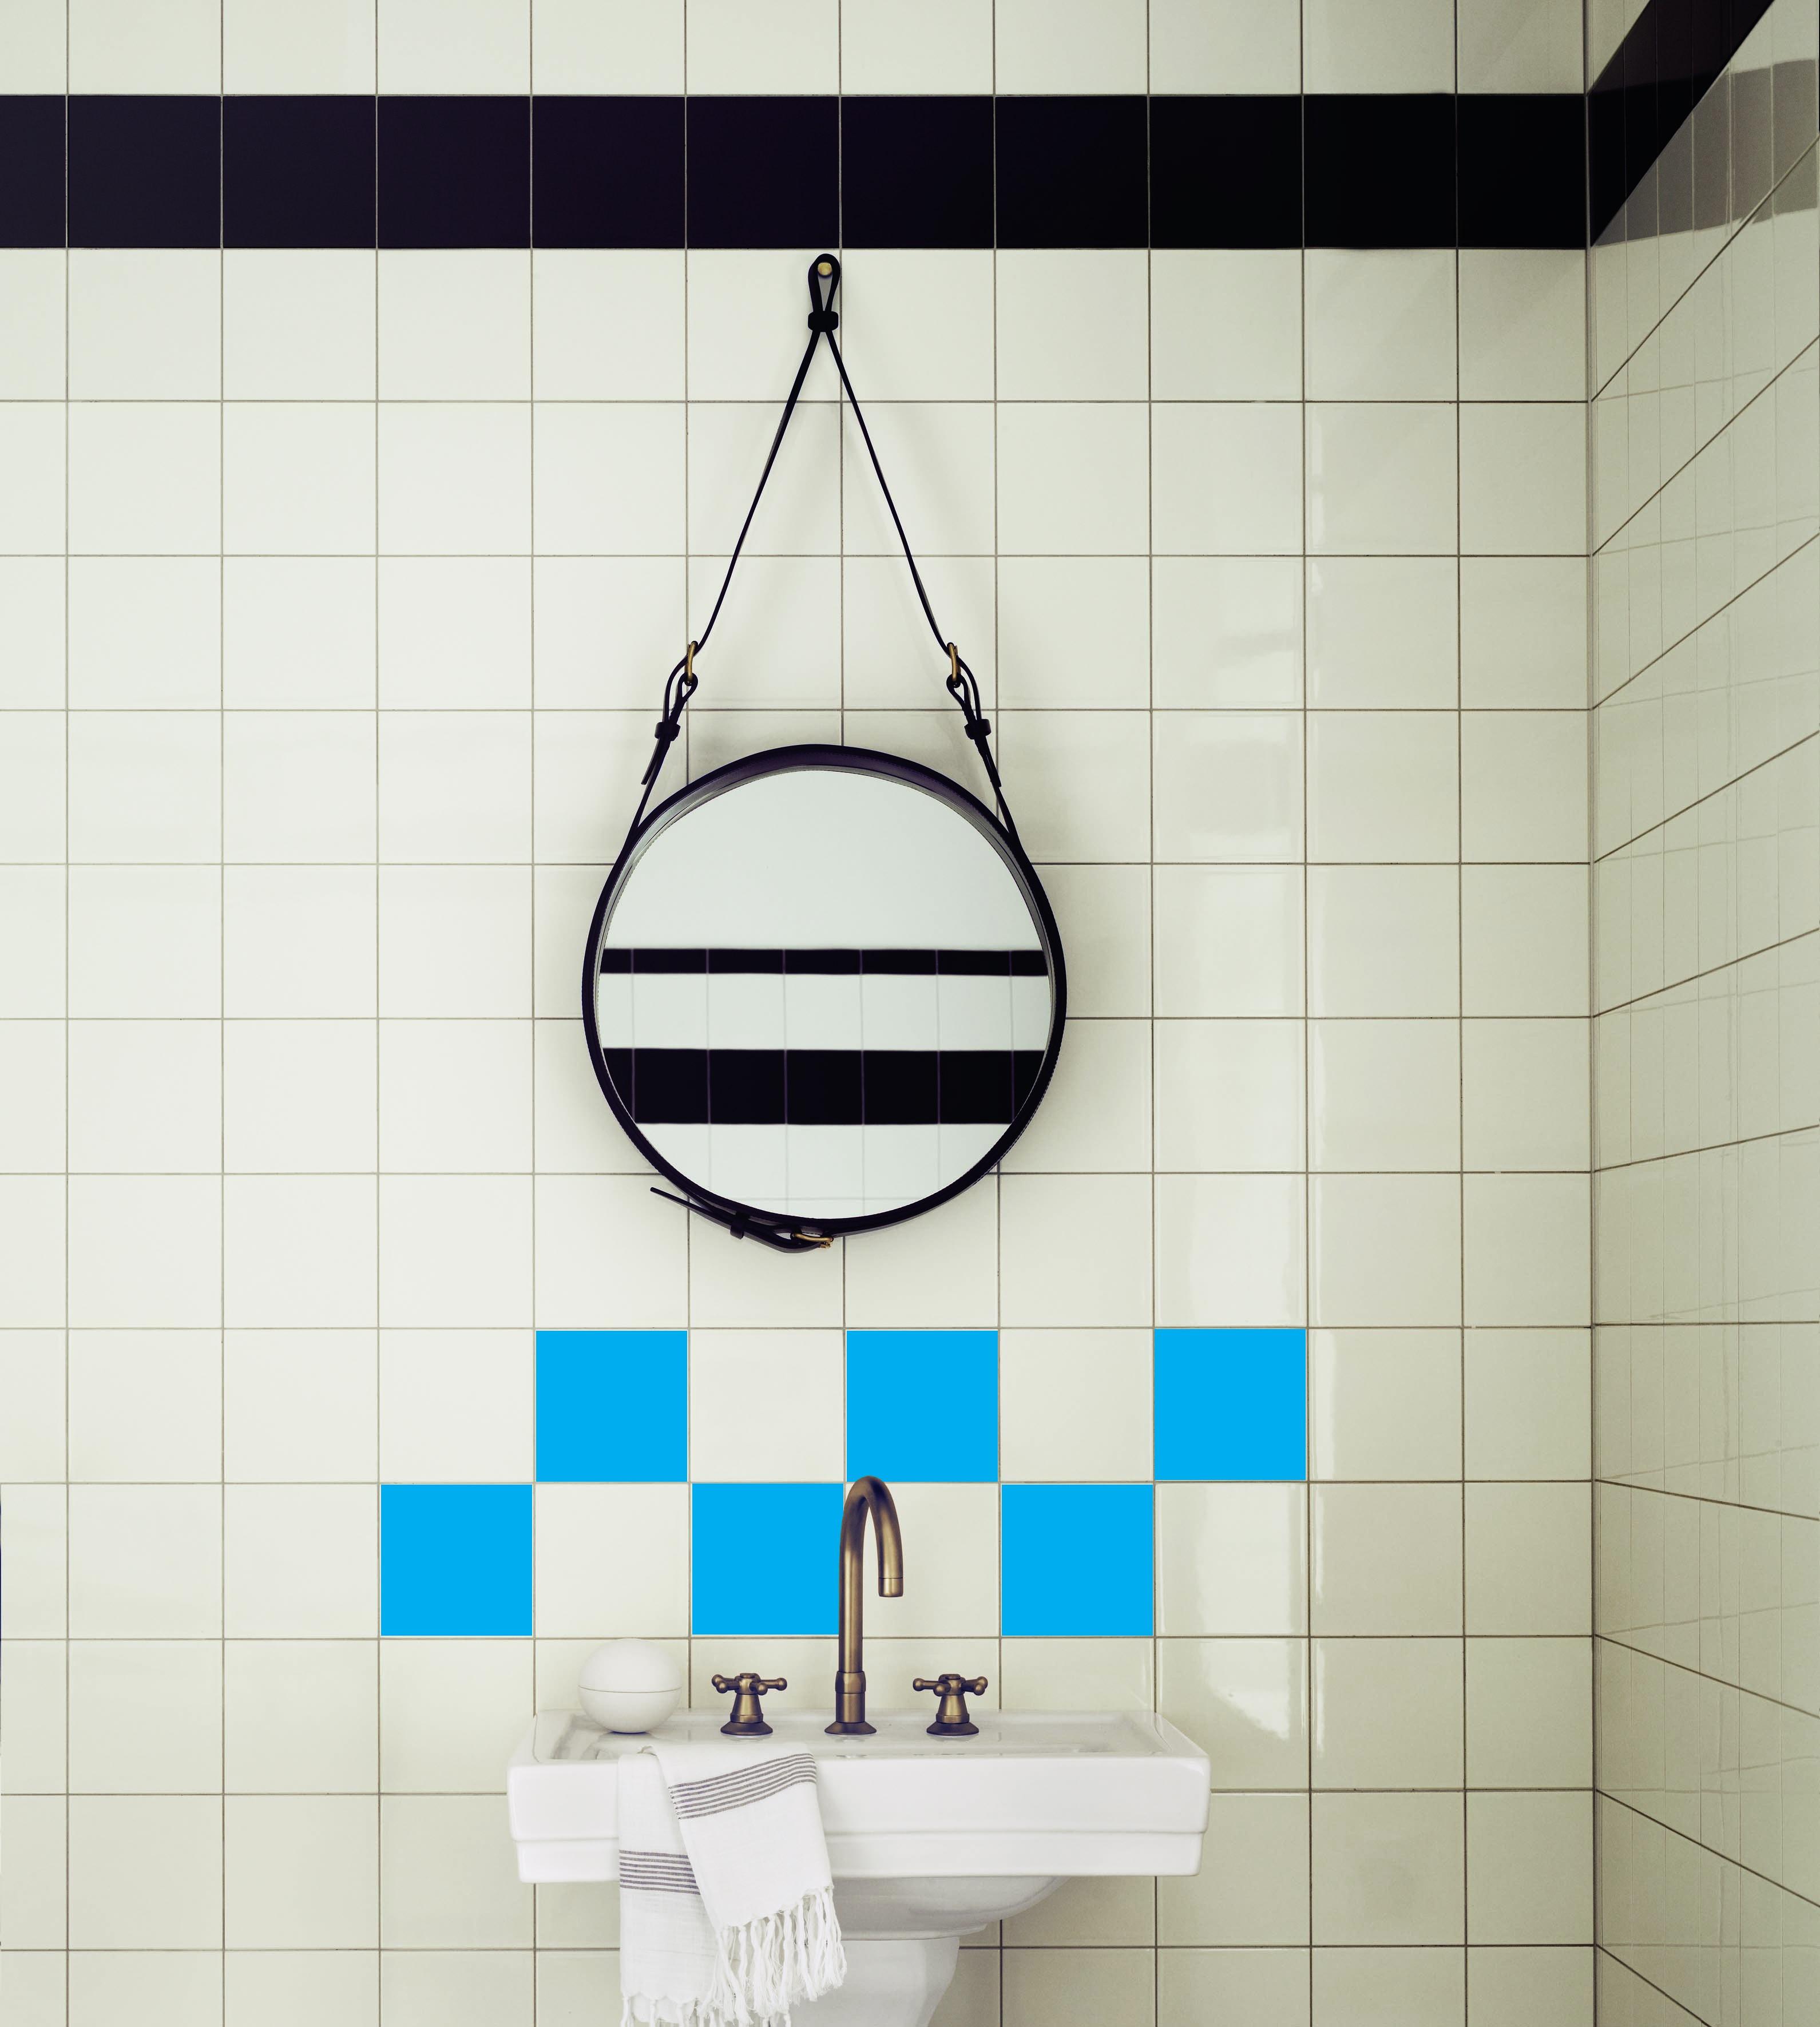 sticker pour carrelage les carr s bleus stickers salle. Black Bedroom Furniture Sets. Home Design Ideas